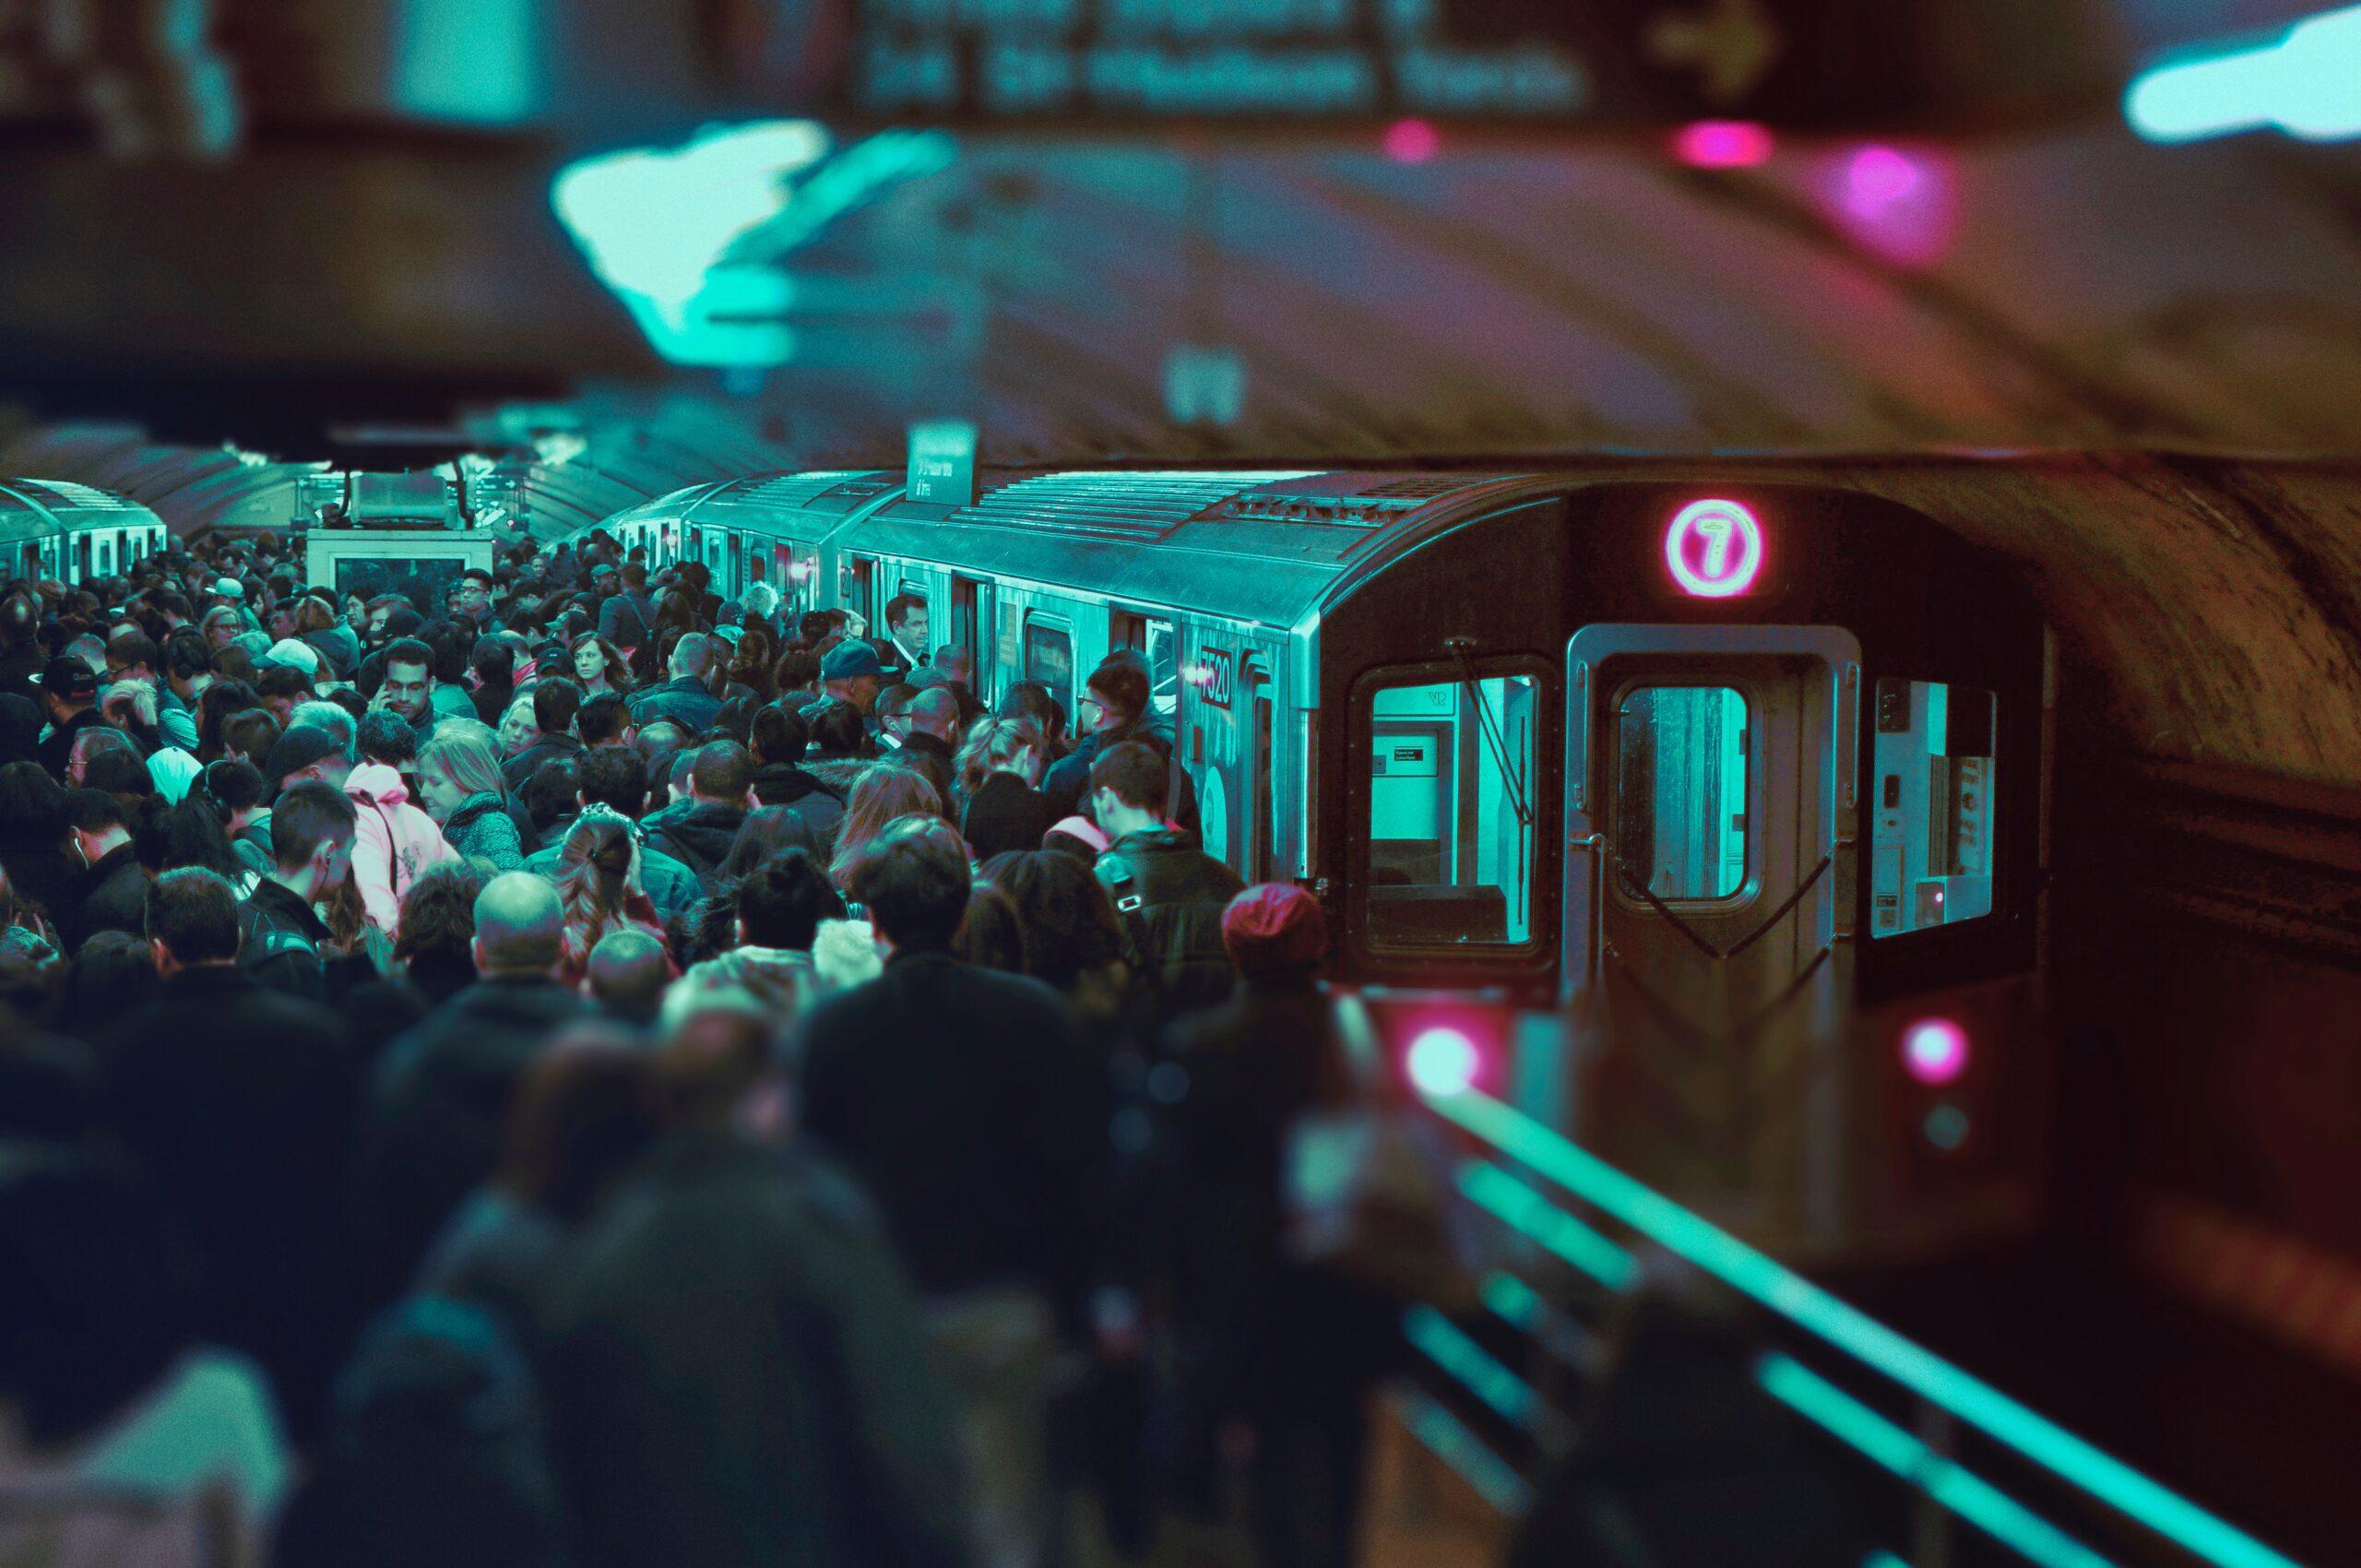 delhi metro, delhi metro news, delhi news, delhi metro rules, delhi metro timings, delhi metro guidelines, delhi metro smart card, dmrc, noida metro